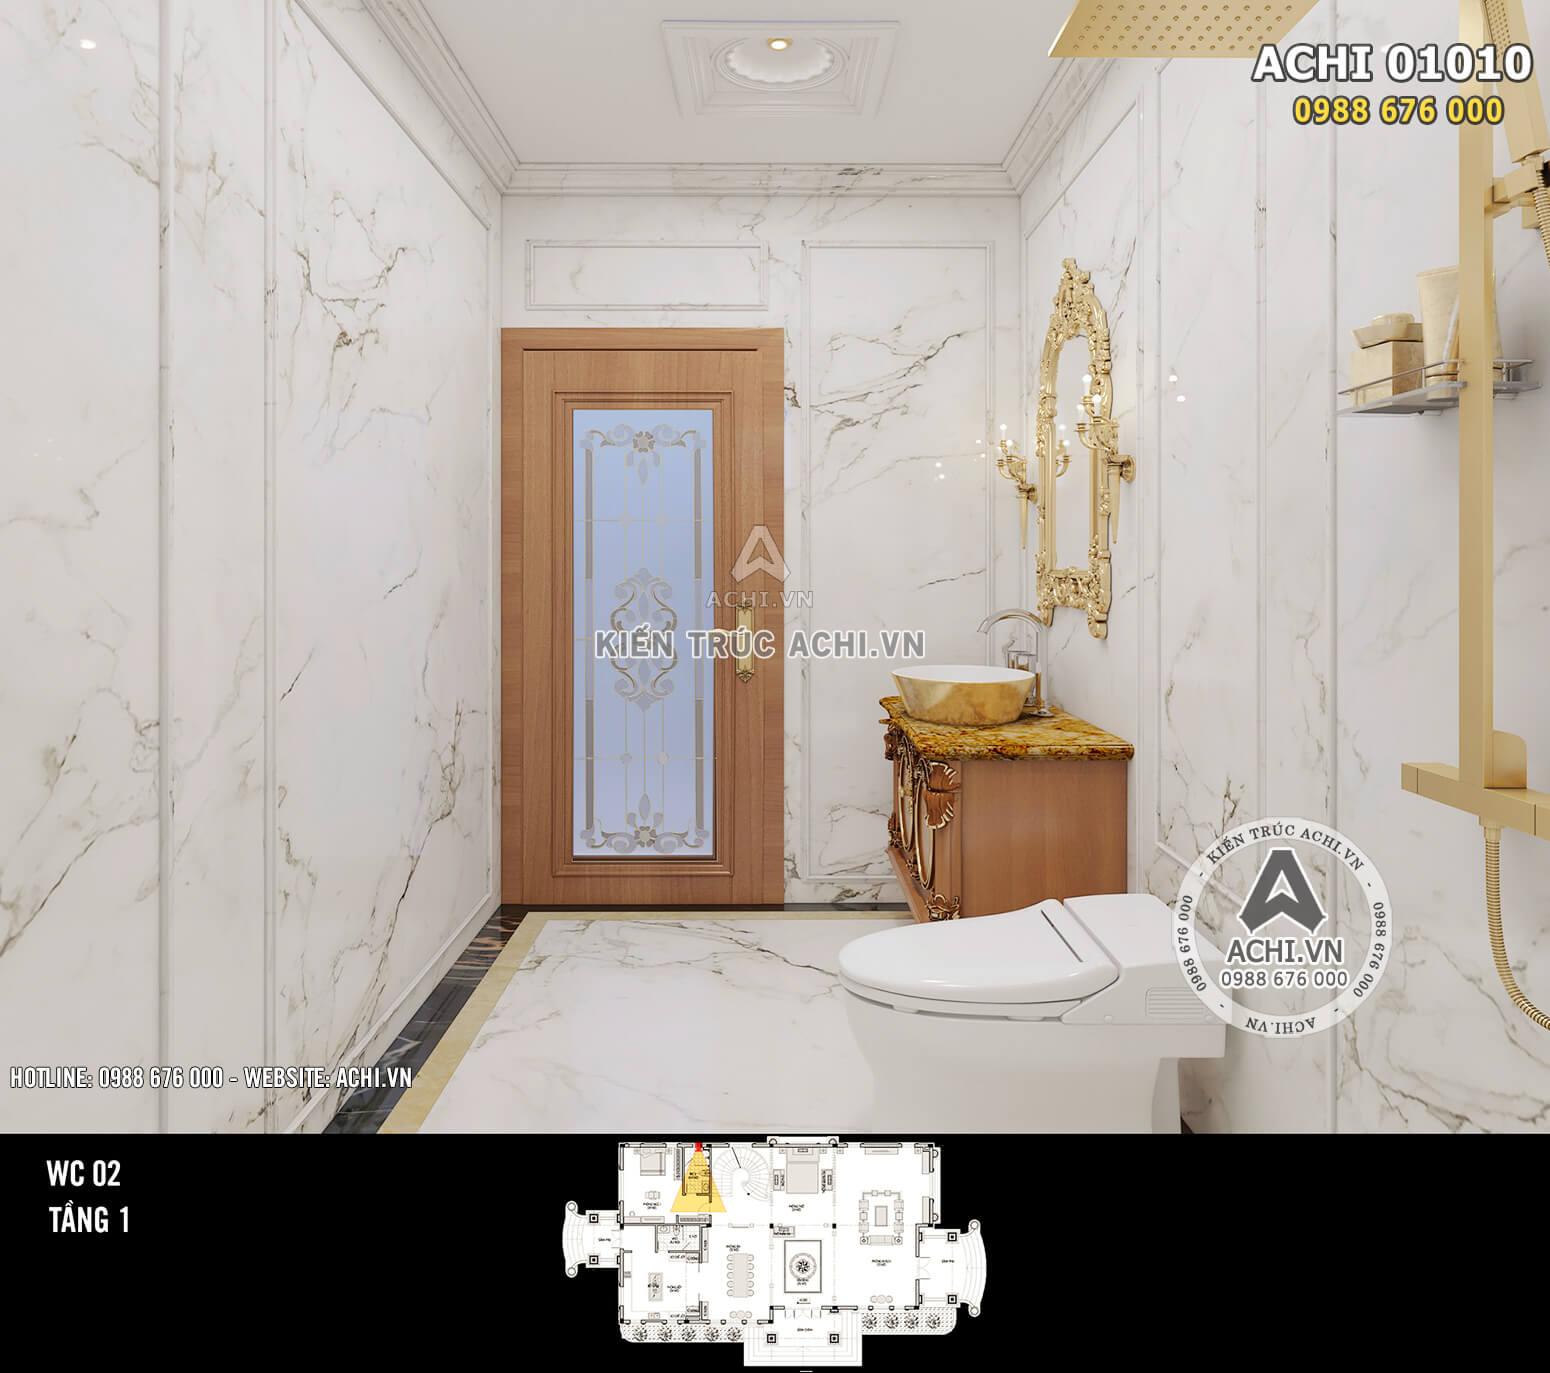 Hình ảnh: Thiết kế nội thất tân cổ điển - Phòng WC 2 - Tầng 1 - 02